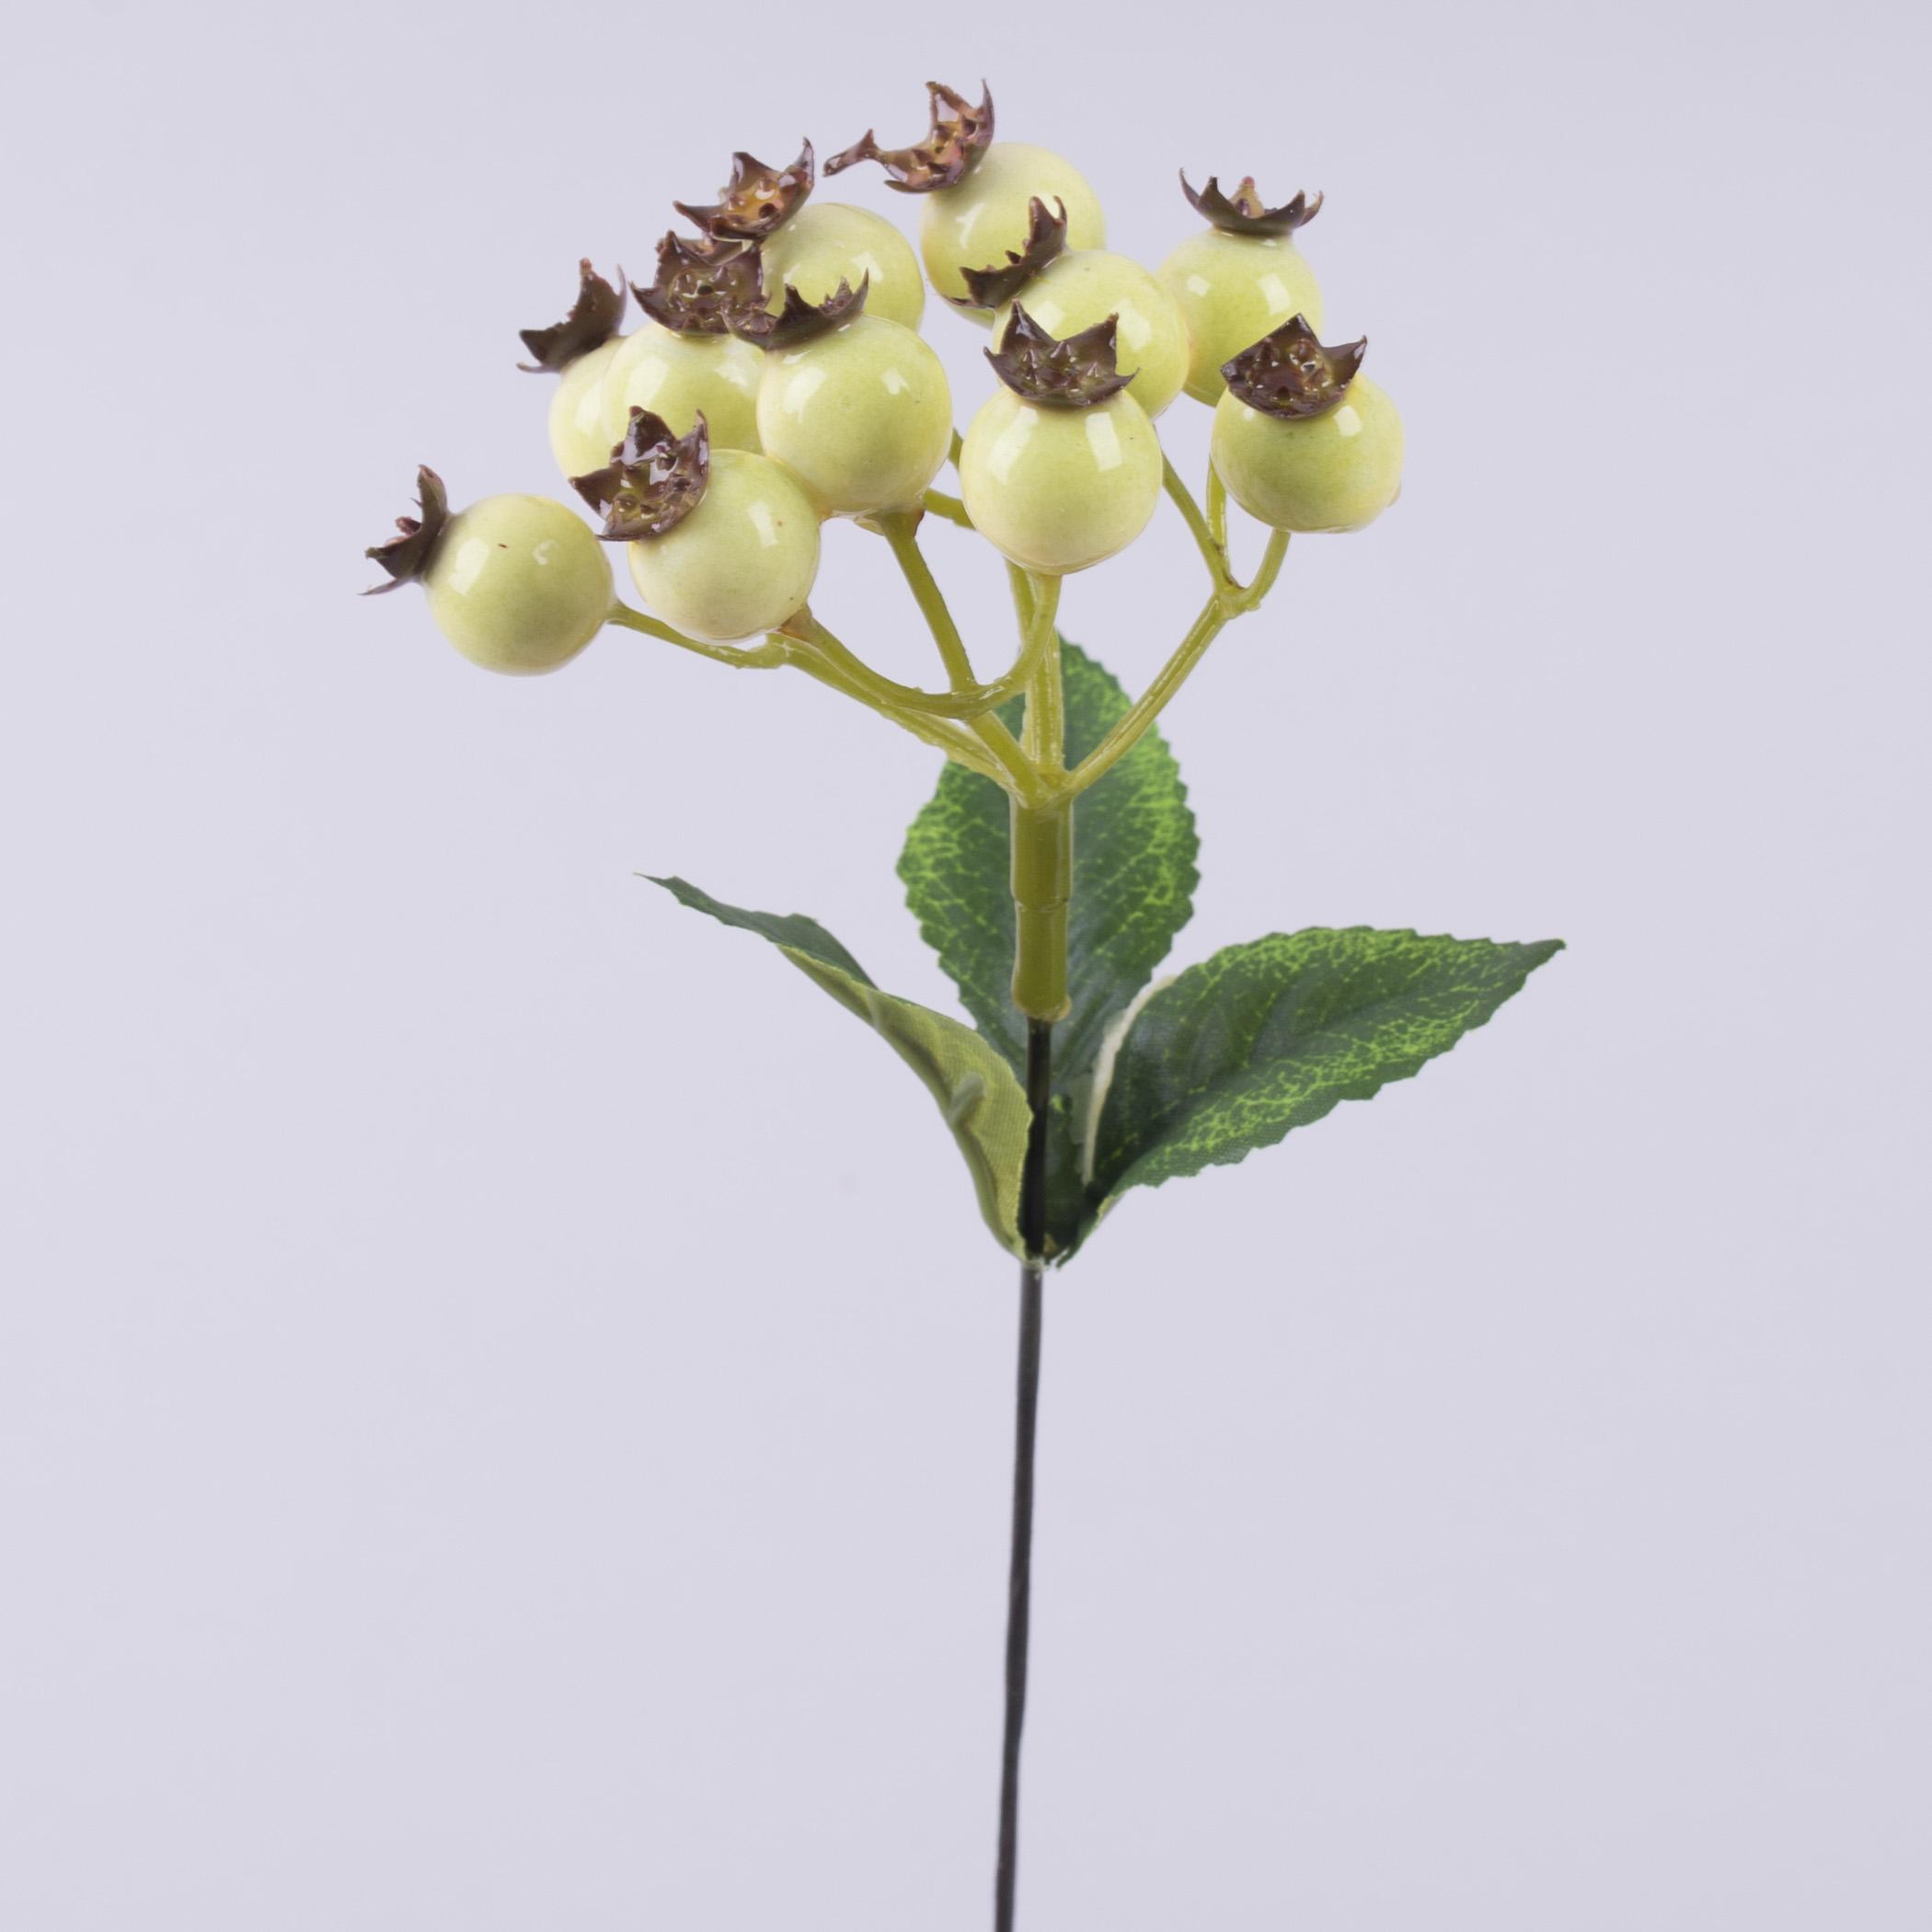 ветка ягоды шиповника кремовые